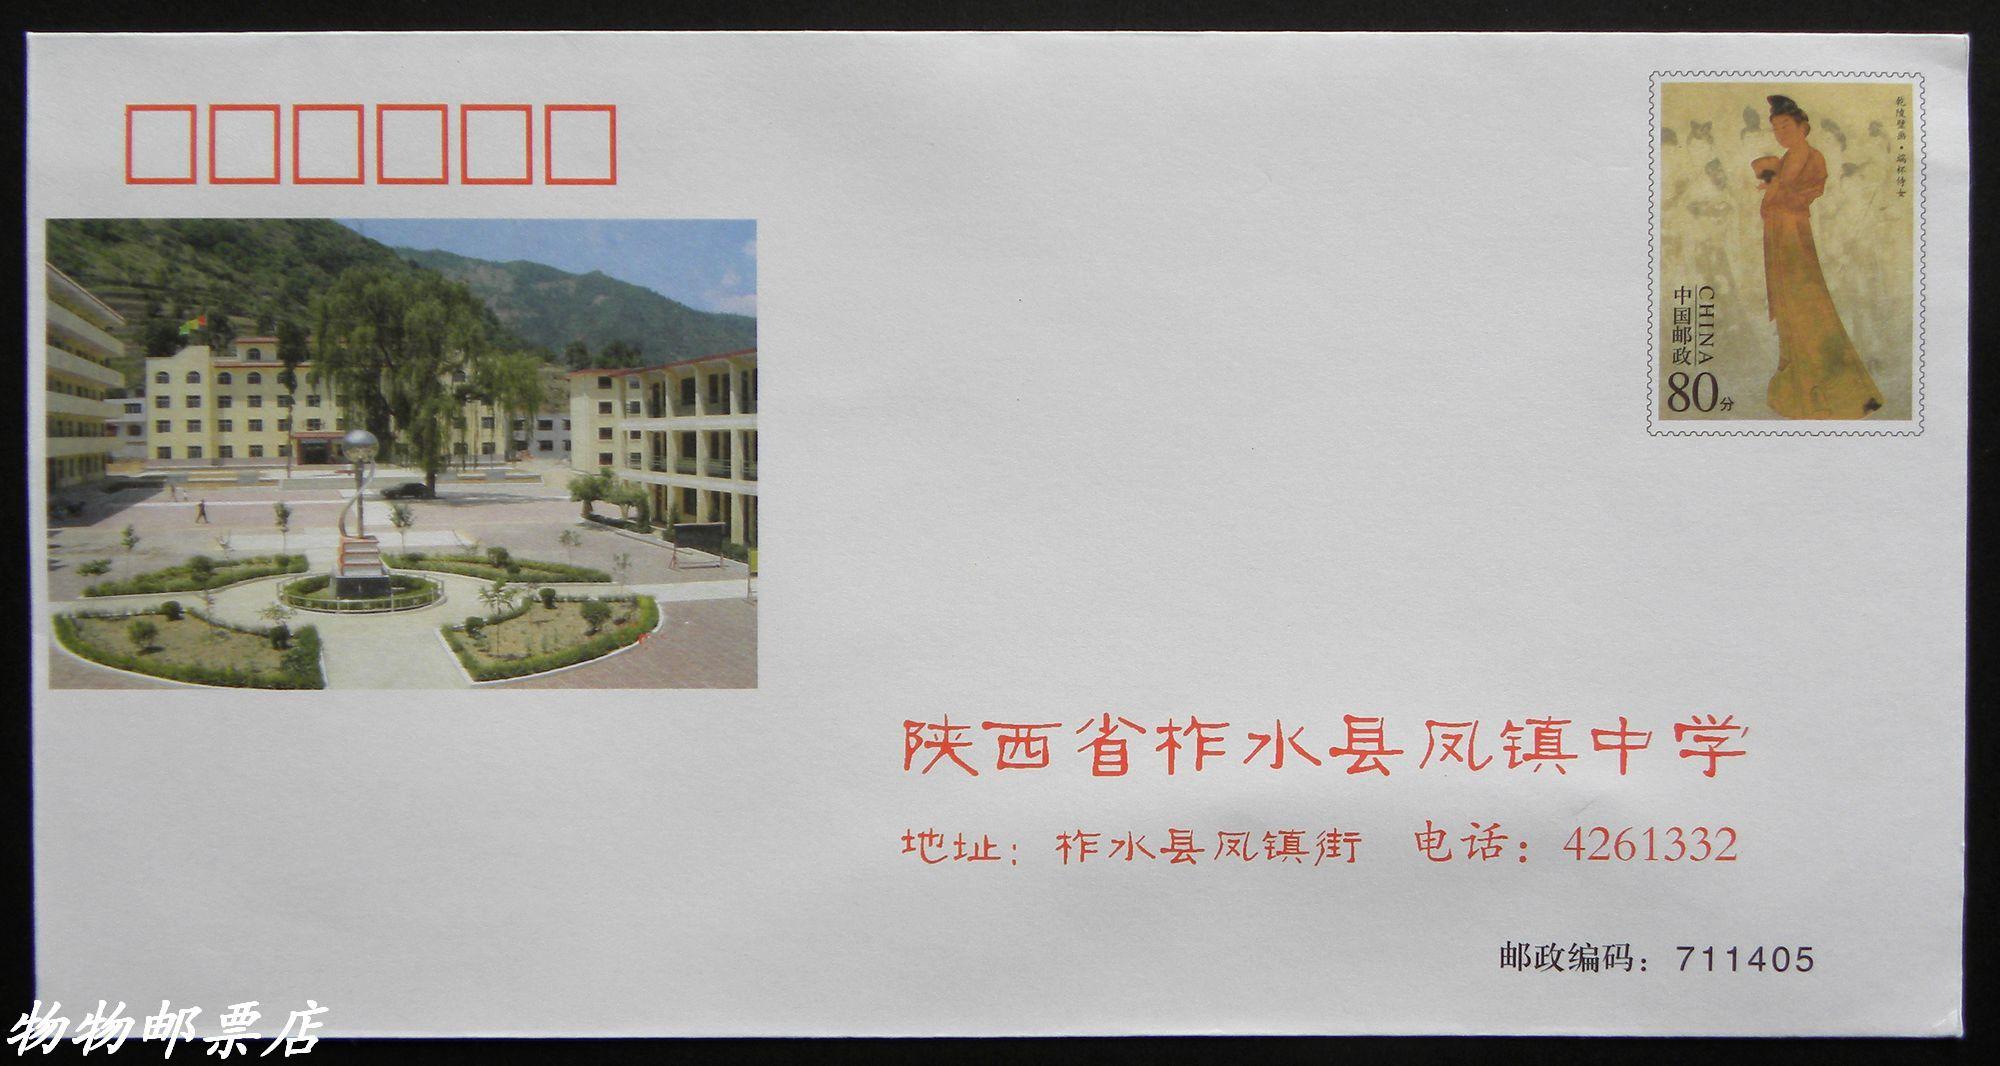 Современные китайские марки Pf143 qianling росписи Кубок горничная обычные почтовые предоплаченные письмо 80